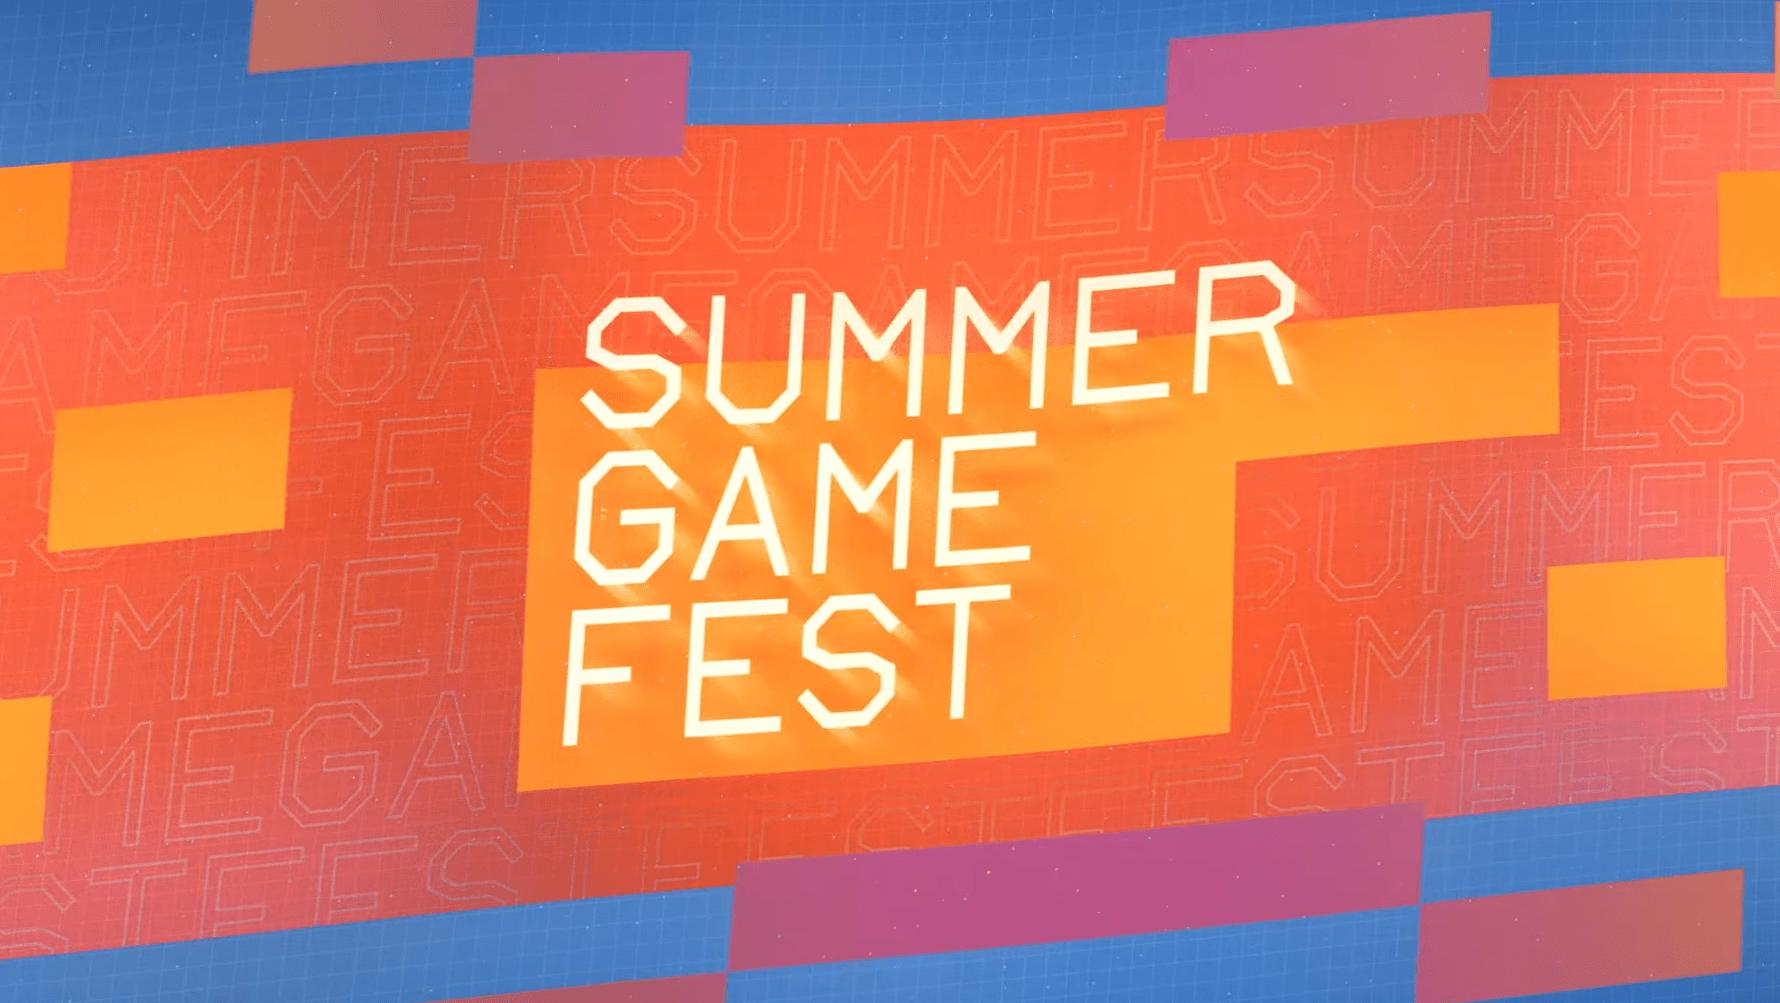 Summer Game Fest Geoff Keighley